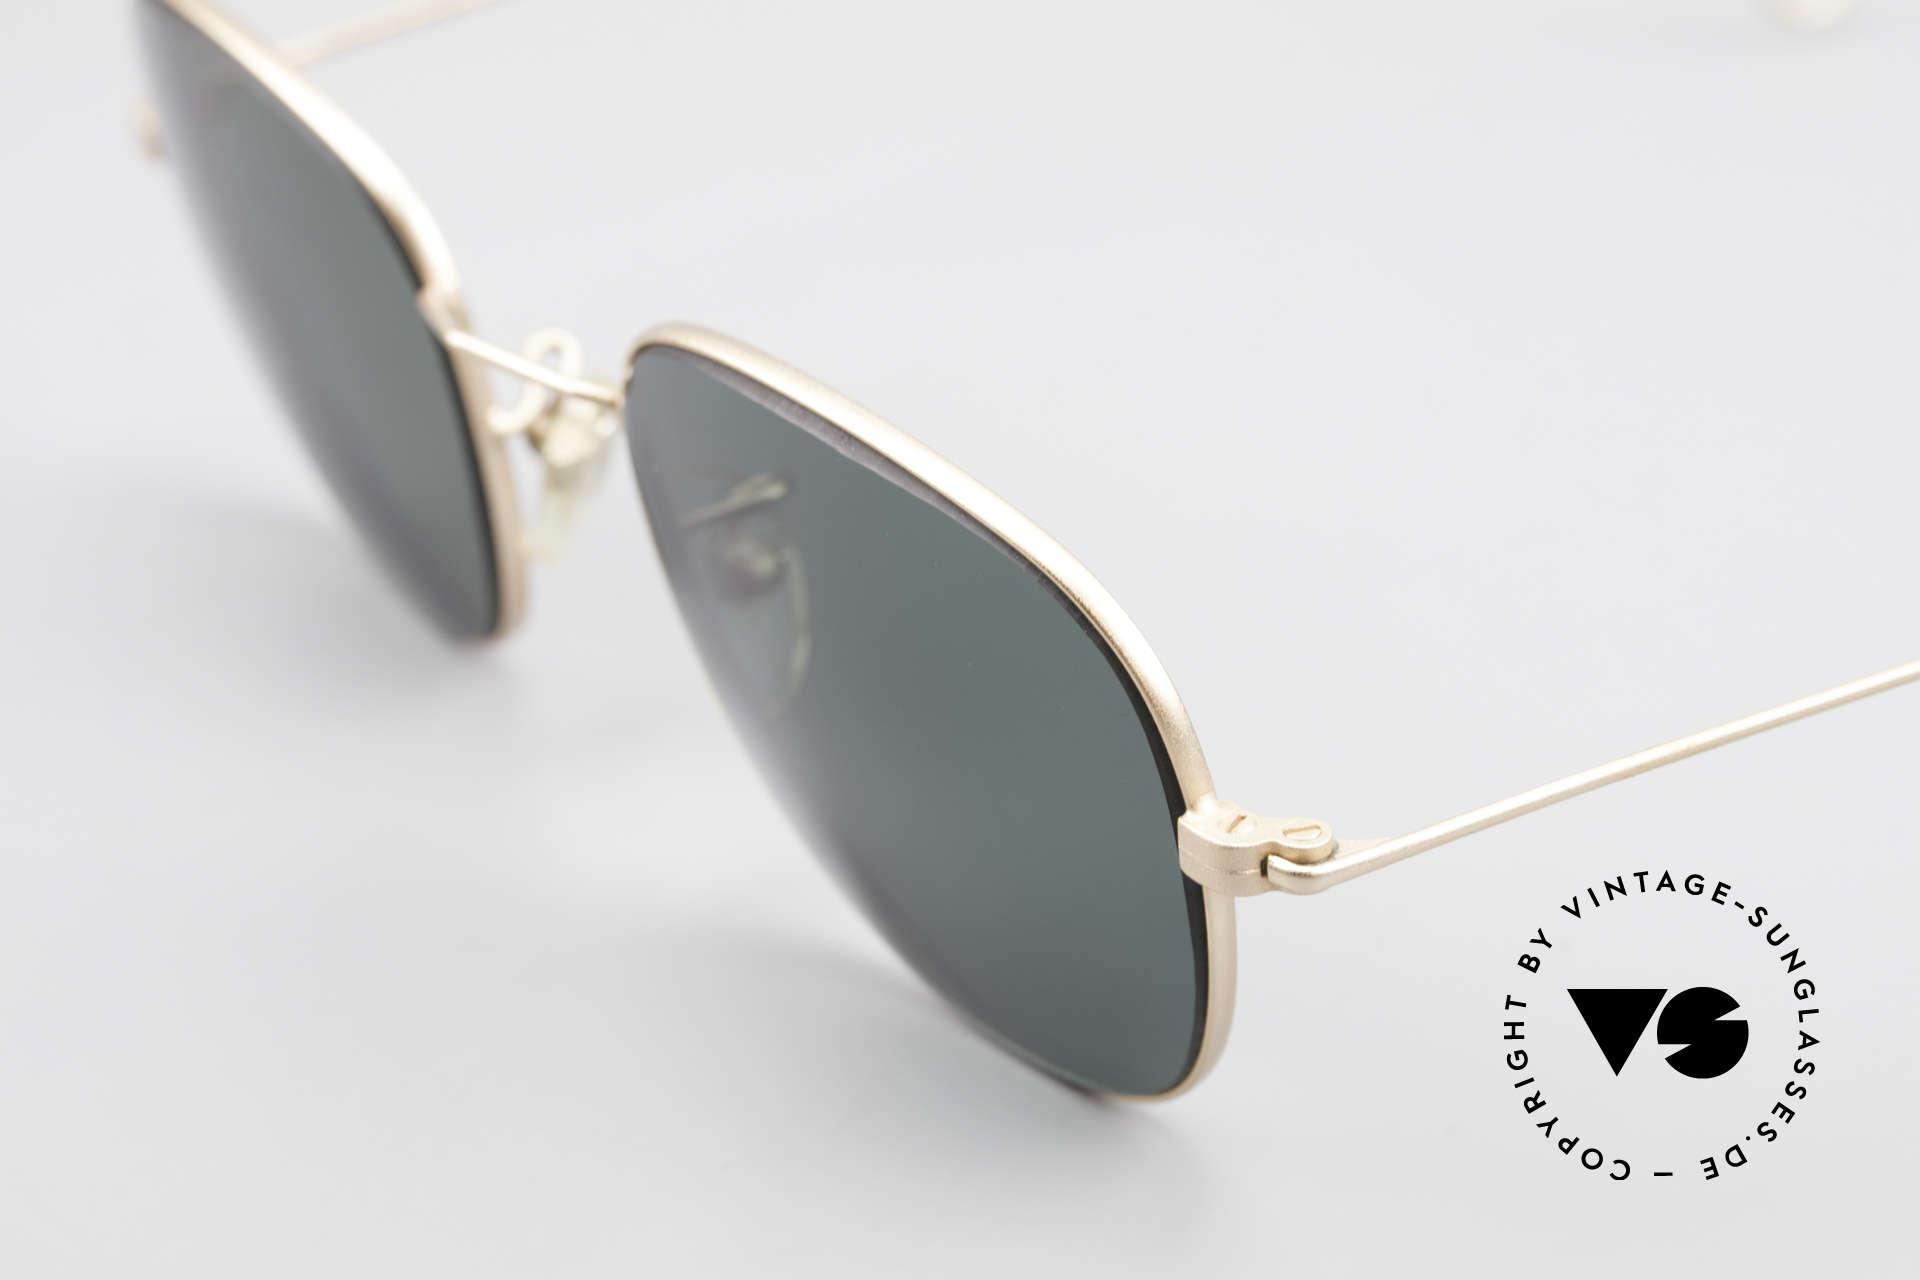 Cutler And Gross 0307 Klassische 90er Vintage Brille, Materialien und deren Verarbeitung auf Spitzen-Niveau, Passend für Herren und Damen